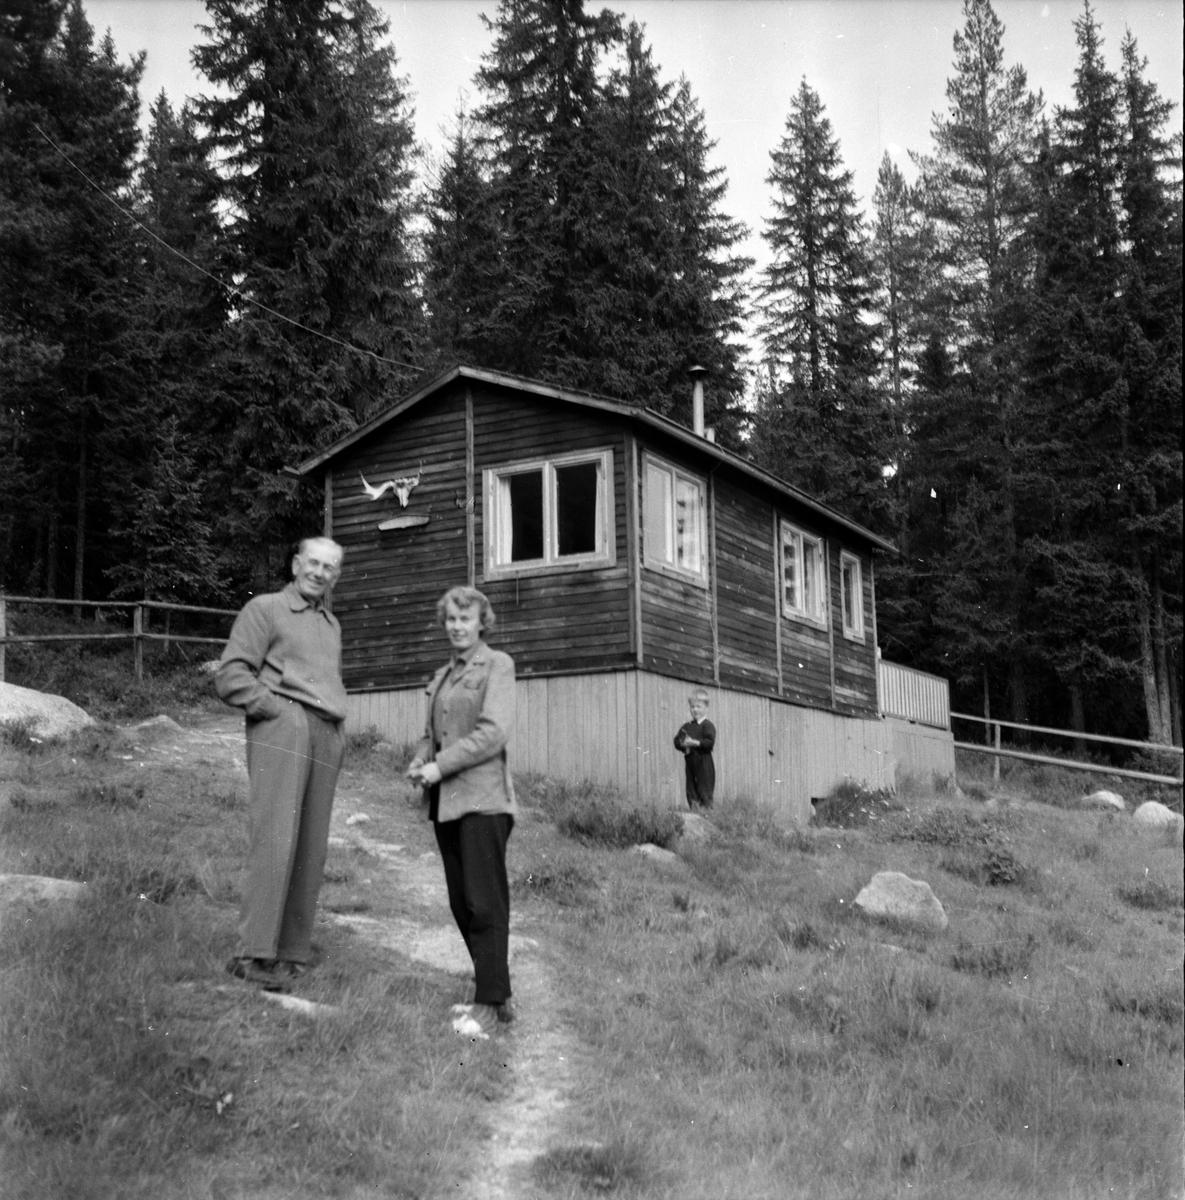 Harsen, Järvsö, 8 Augusti 1960